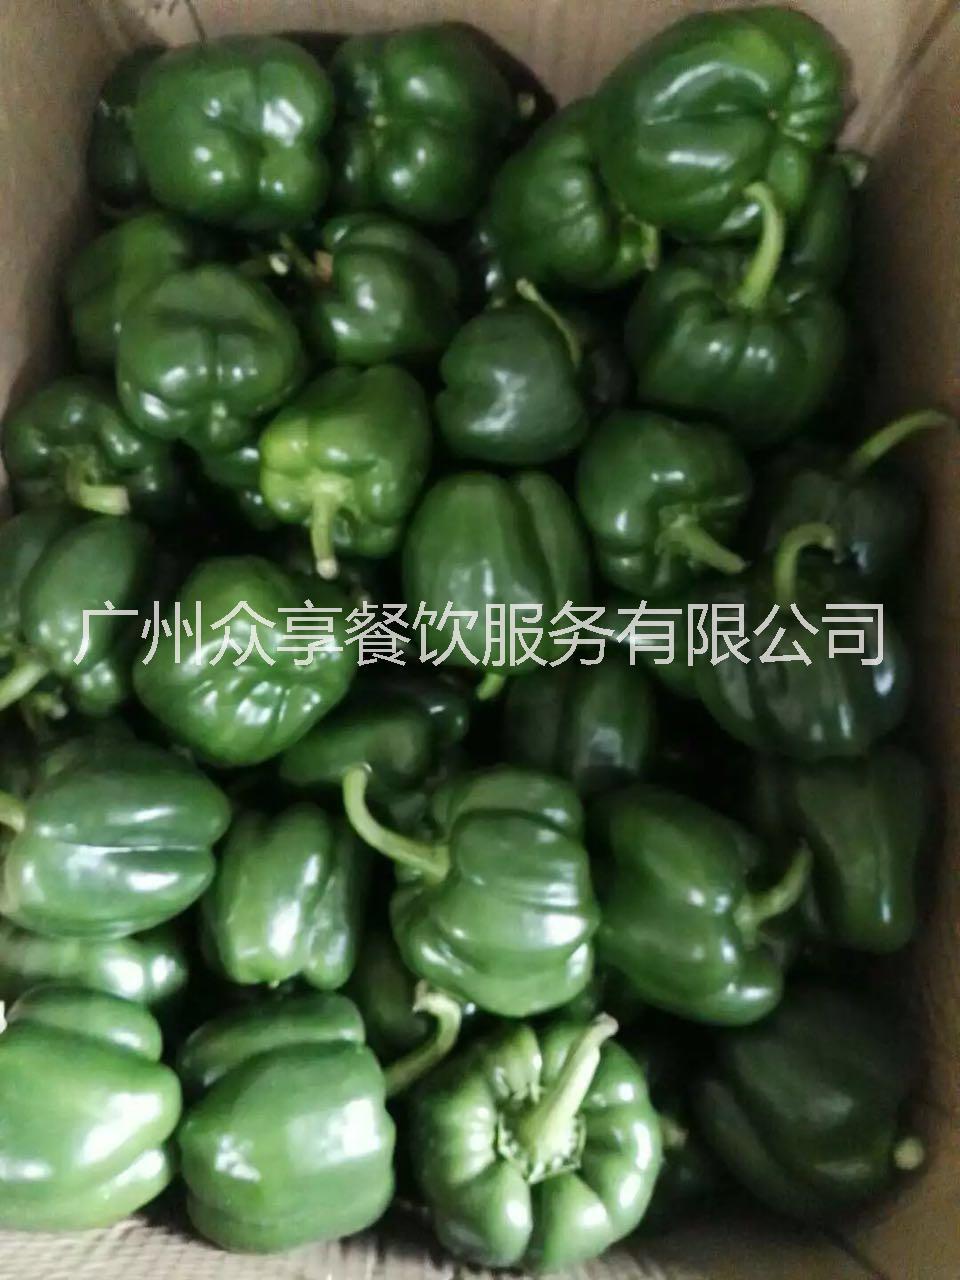 广州萝岗企事业单位食堂承包